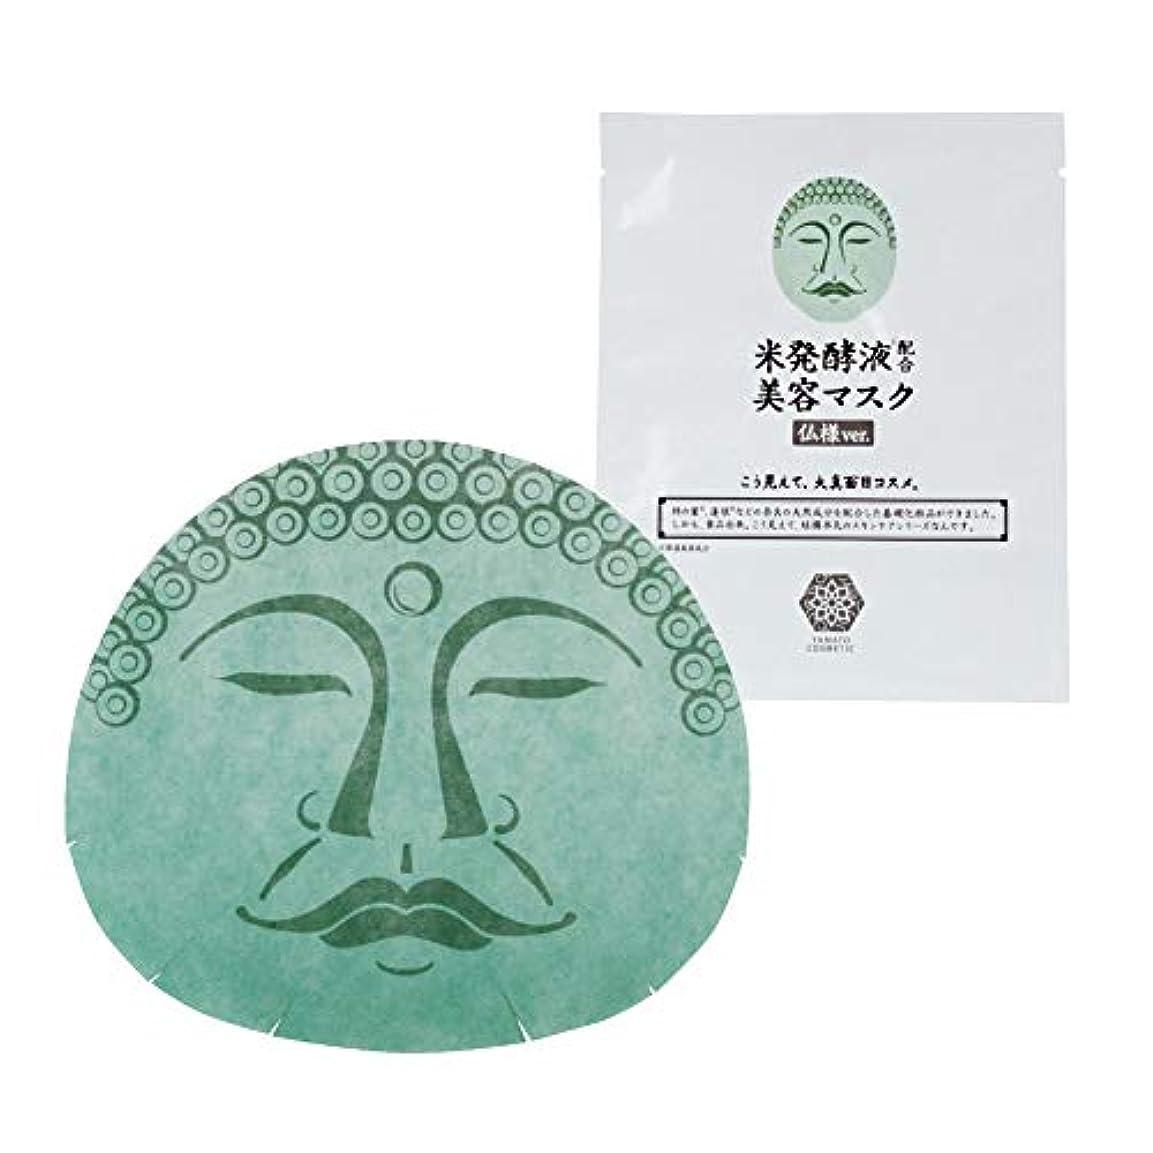 家庭シャトルインカ帝国やまとコスメティック 美容液マスク 25mL 1枚 仏様 仏様パック